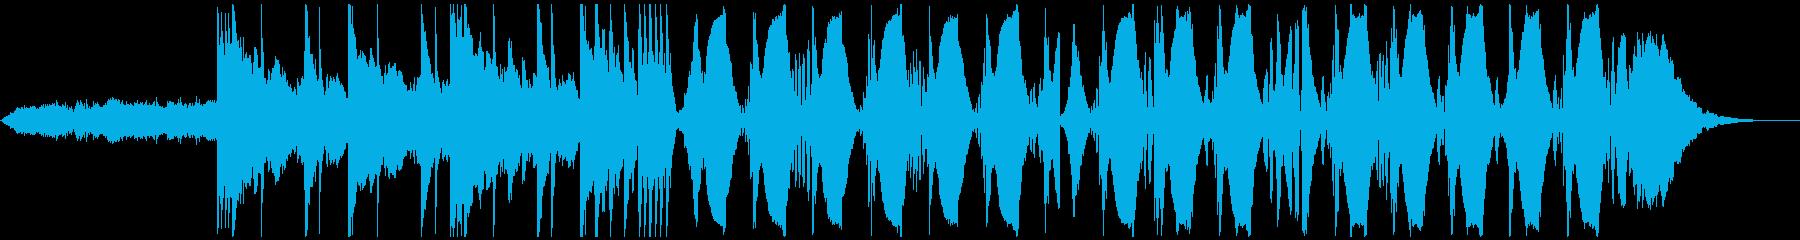 海外ブランドCM FutureBassの再生済みの波形